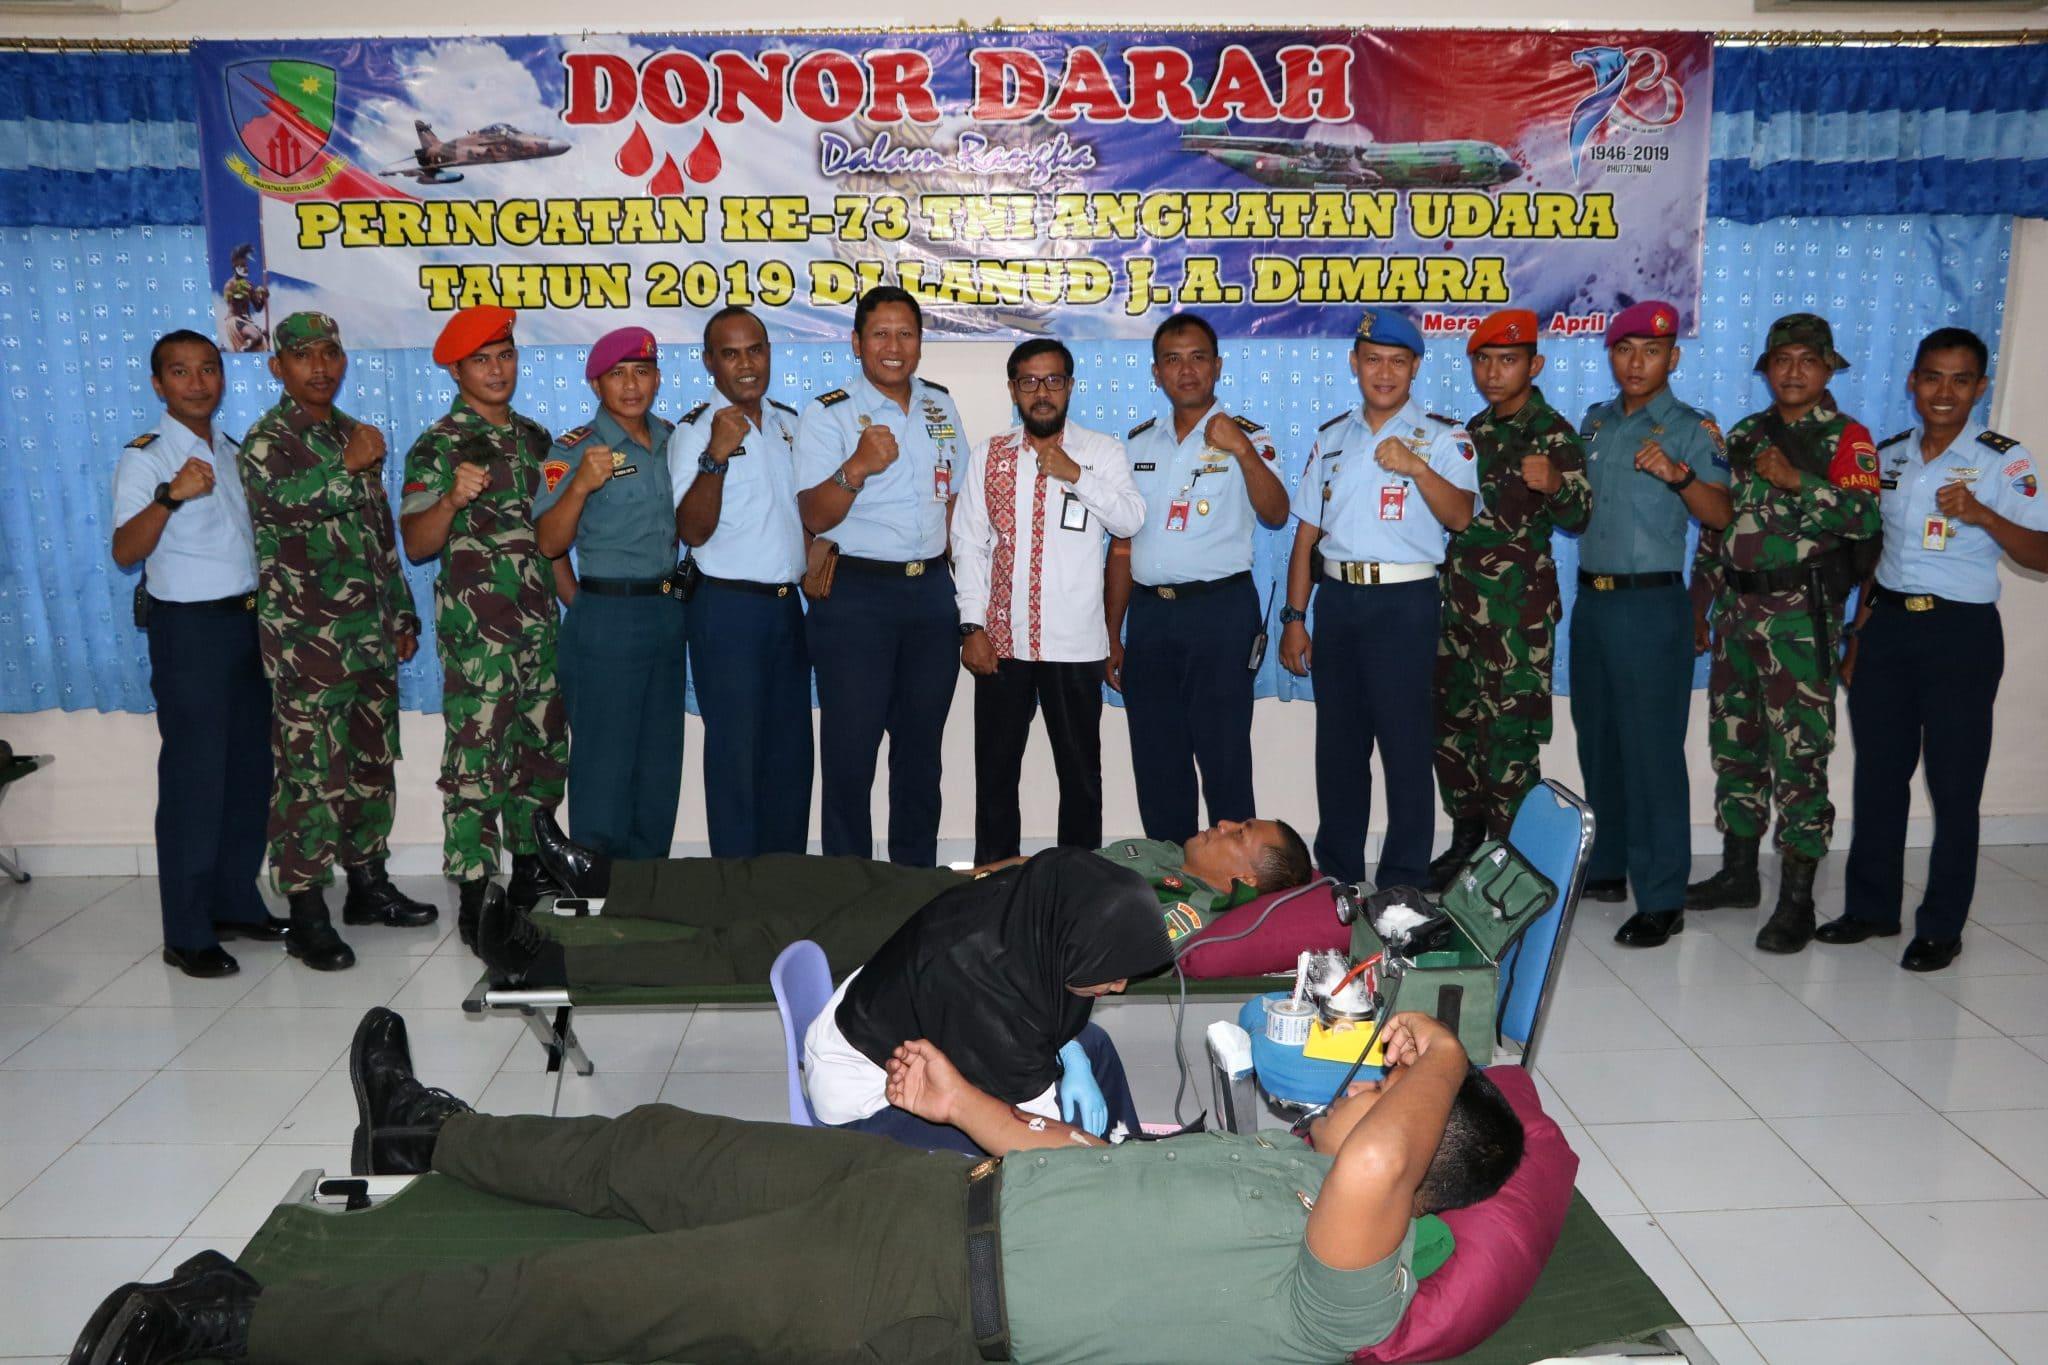 Lanud J. A. Dimara Laksanakan Donor Darah